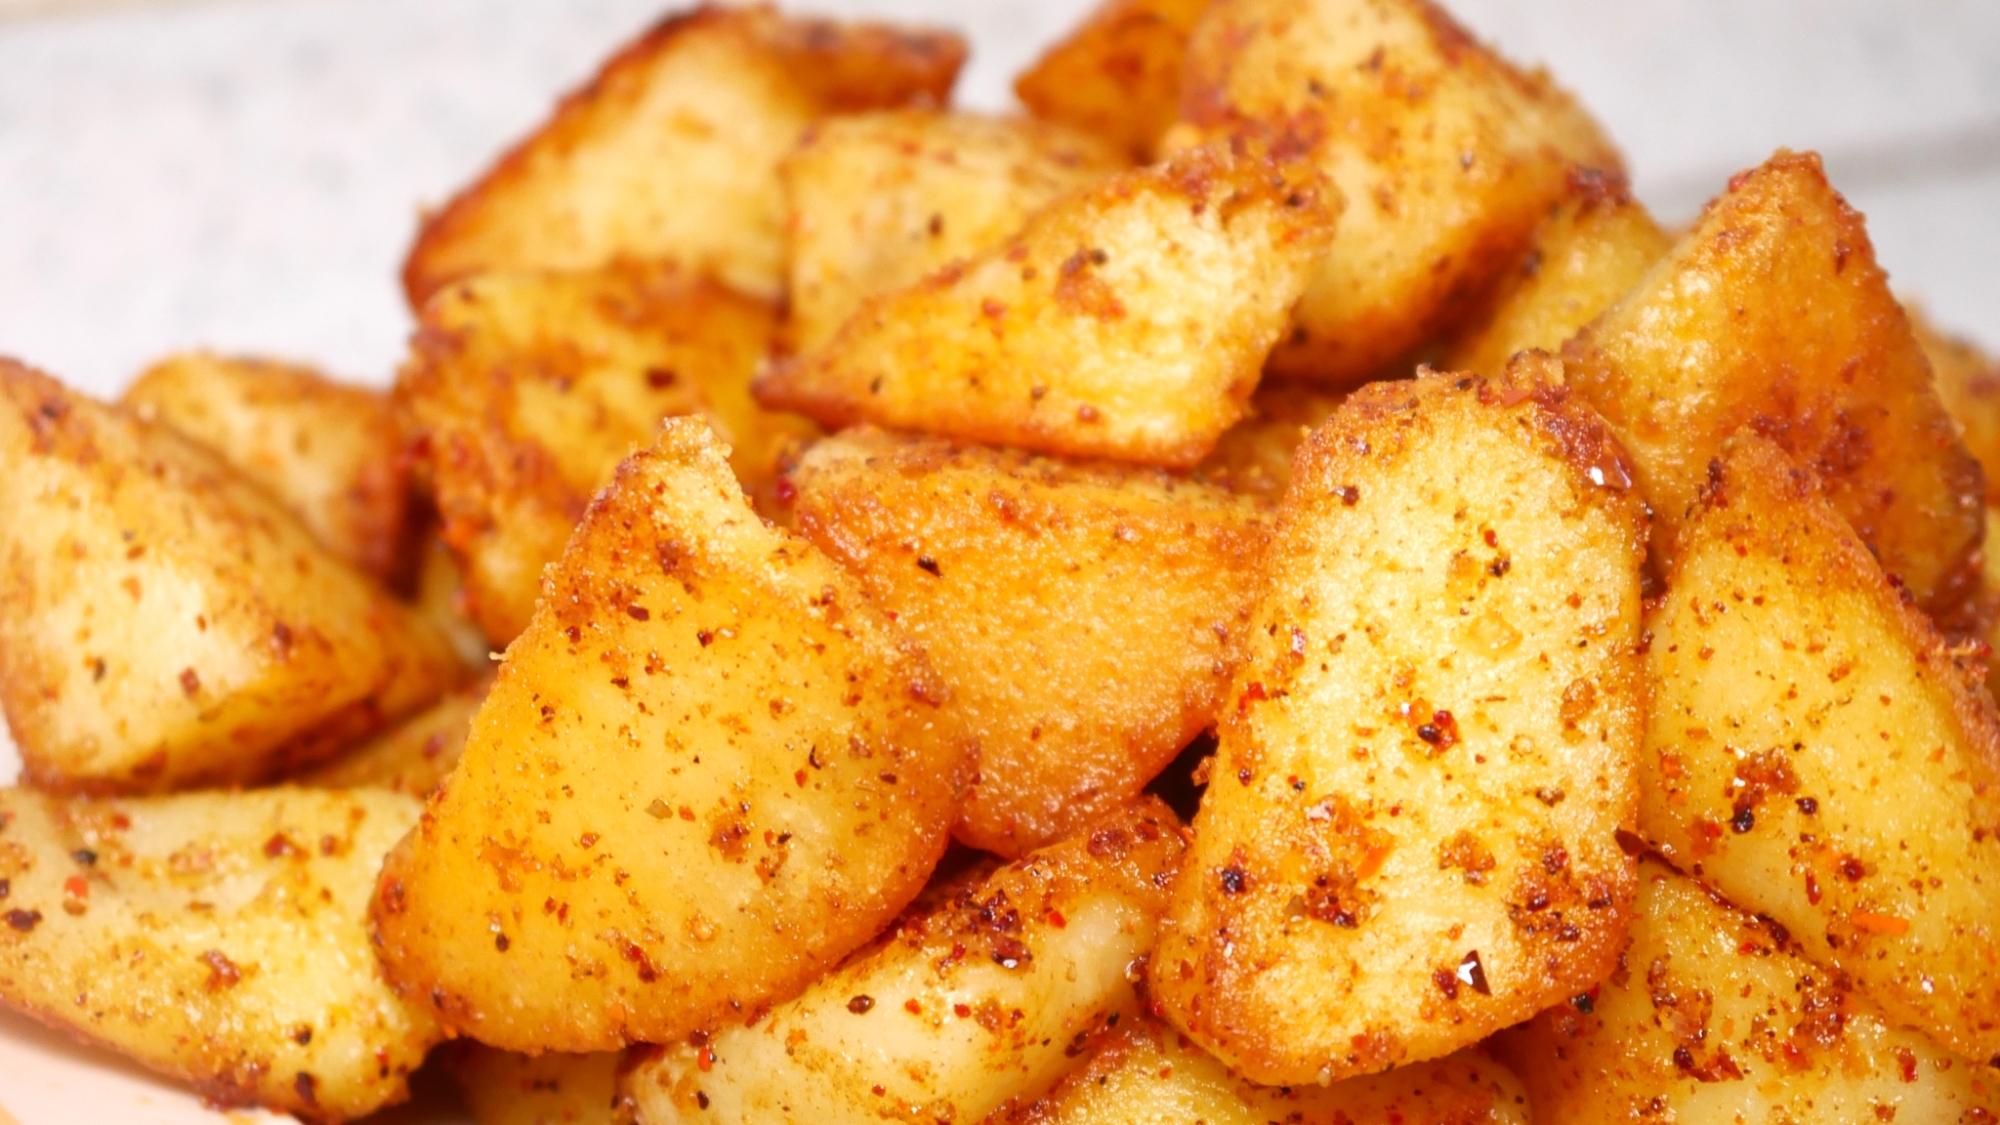 土豆最好吃的做法,一盘孜然土豆,香辣开胃,吃一次就念念不忘